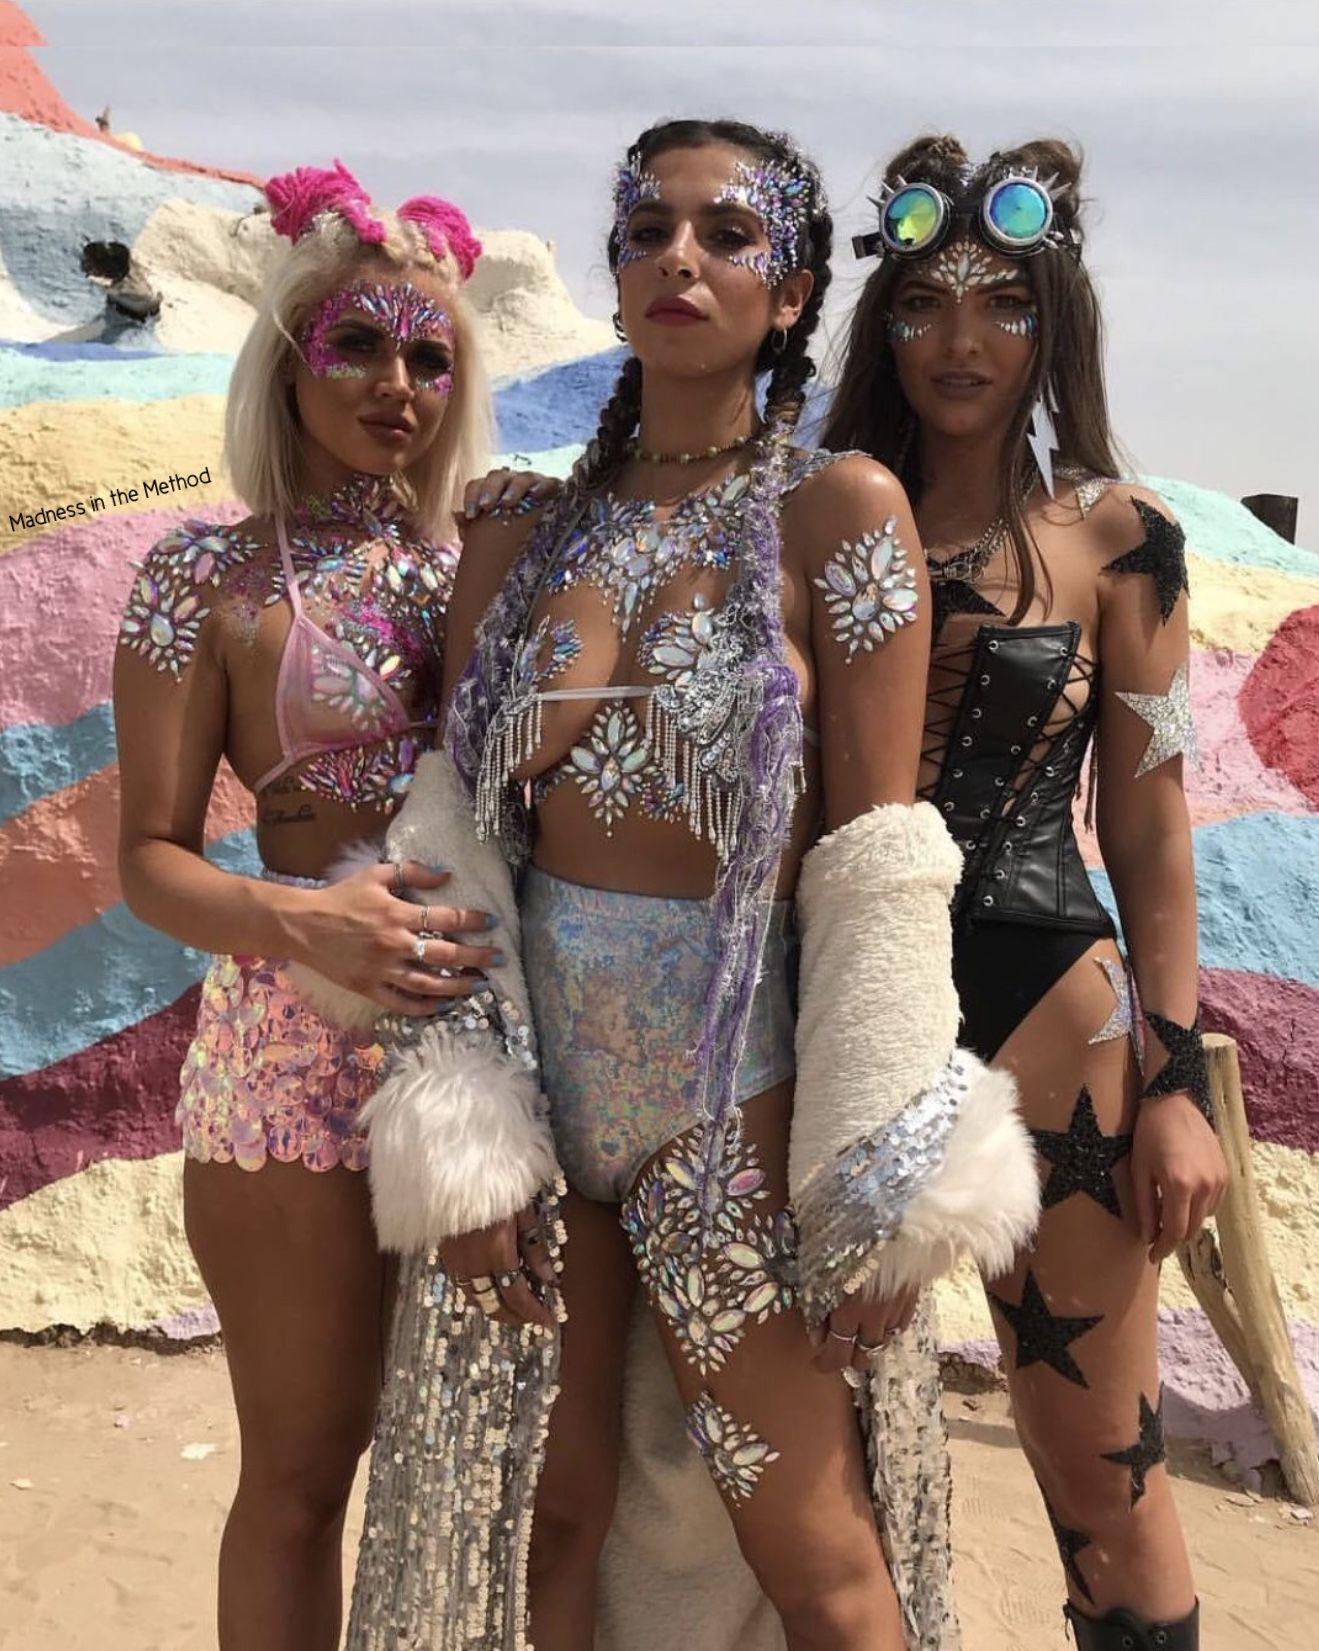 Glitter Bling Body Art Festival Outfits Rave Festival Outfit Coachella Edm Festival Outfit